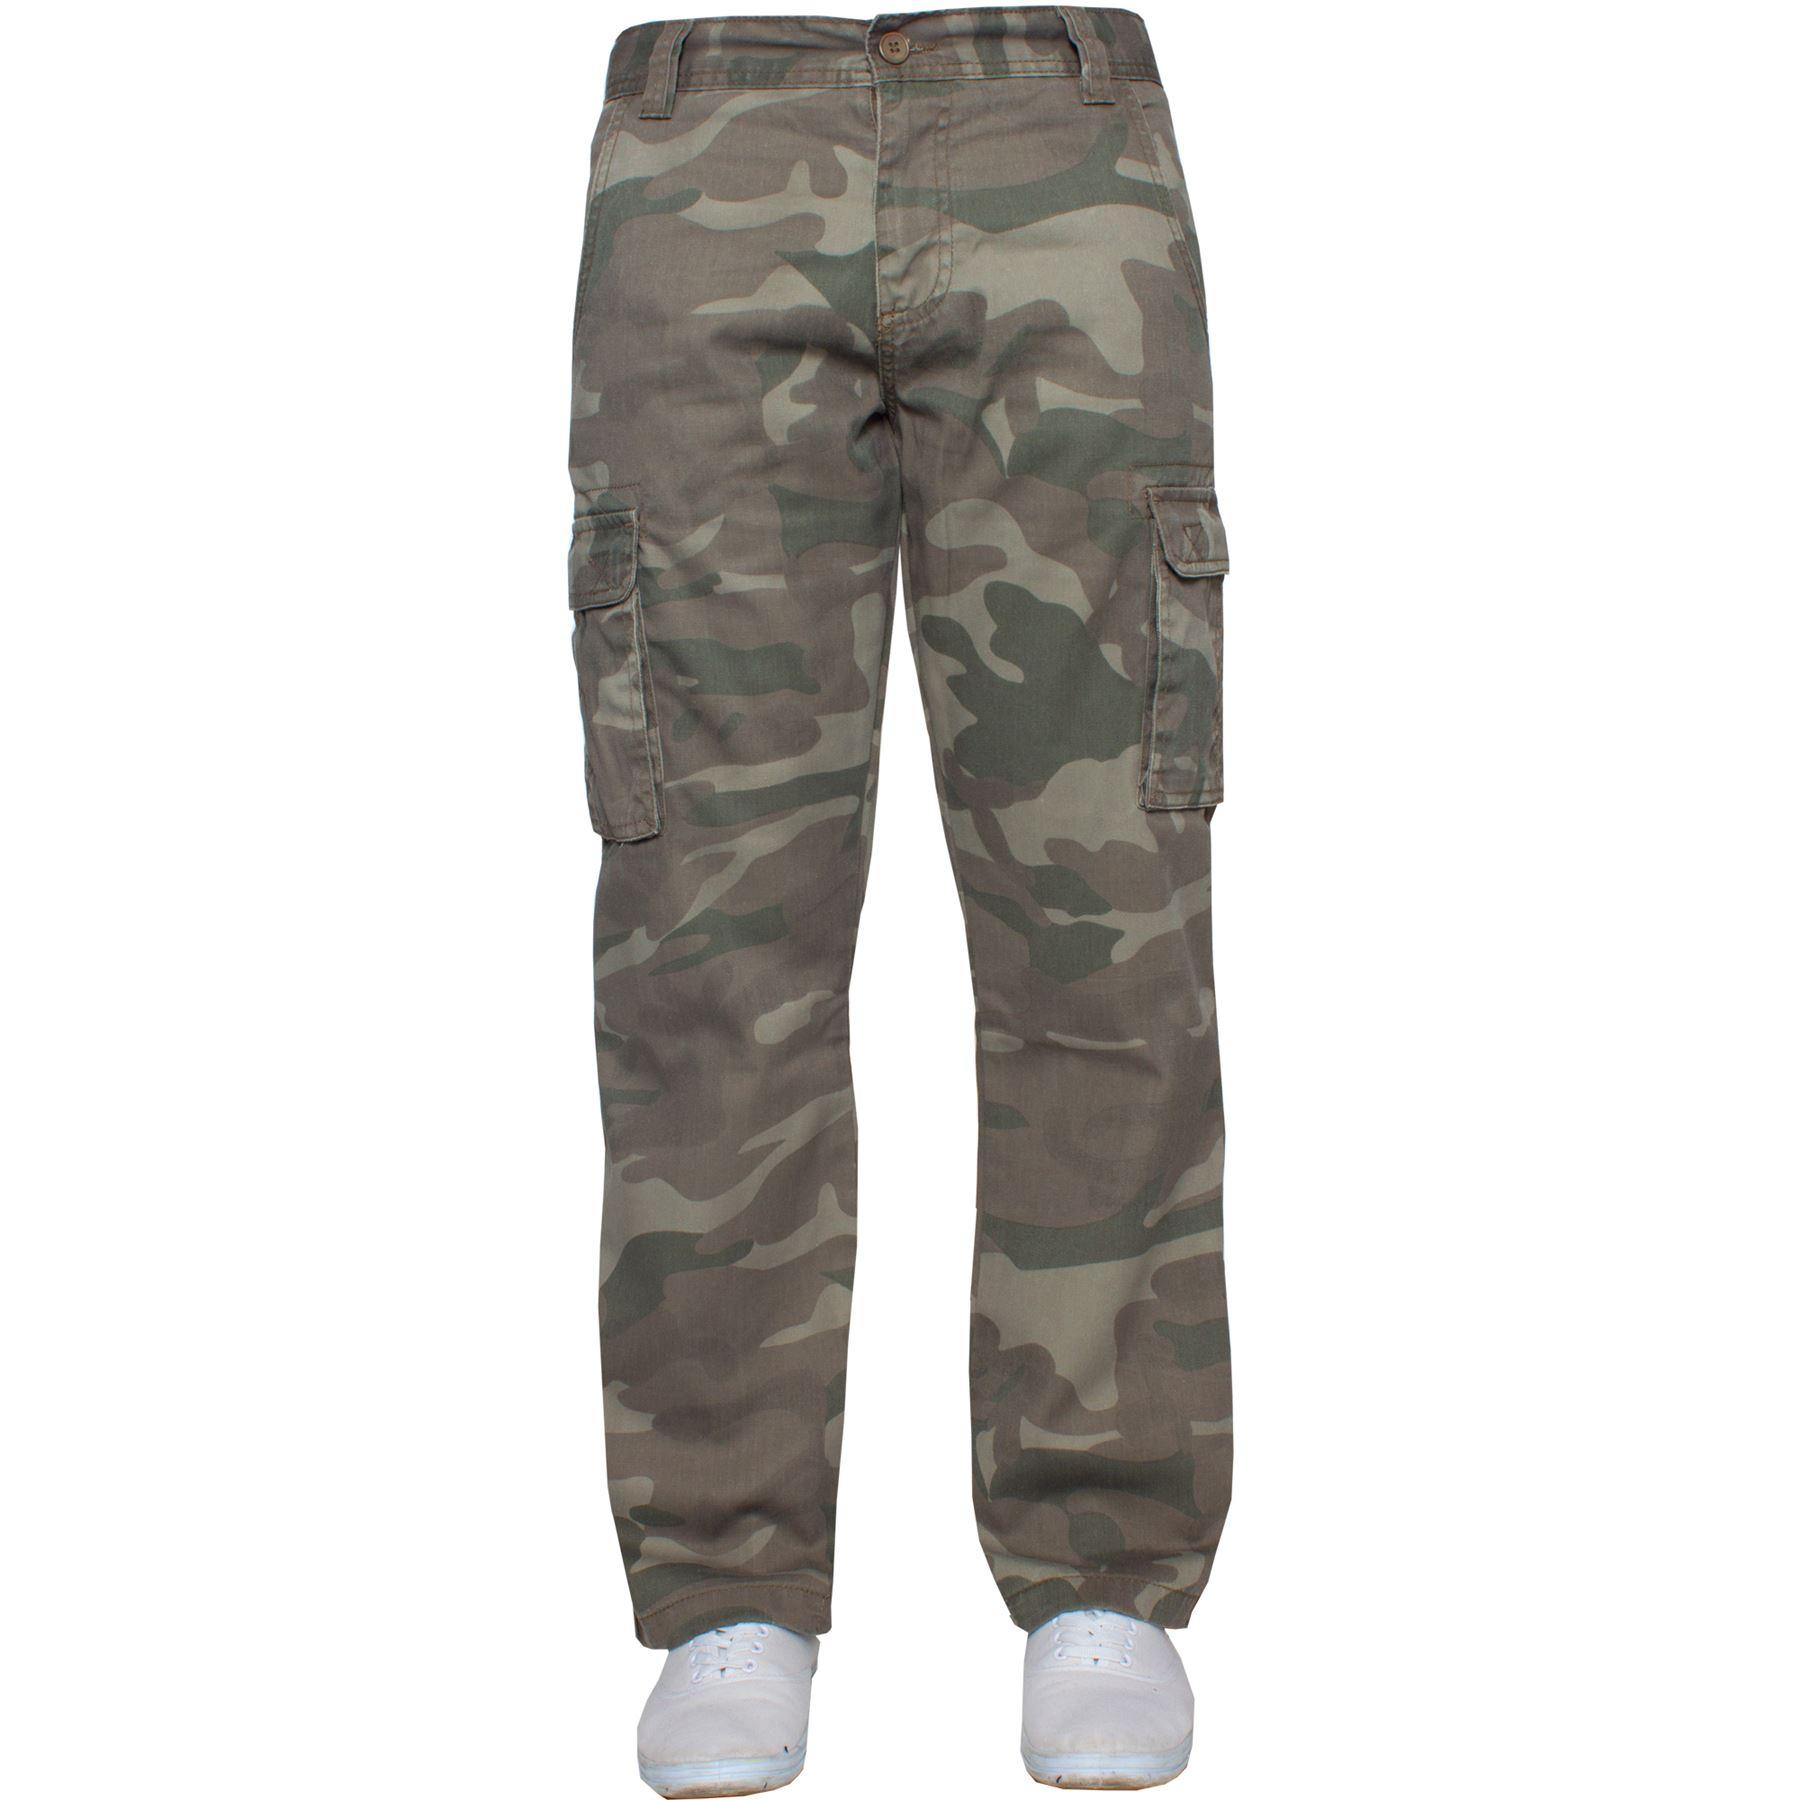 Kruze-Uomo-Militare-Pantaloni-Camouflage-Cargo-Mimetico-Casual-Lavoro miniatura 28